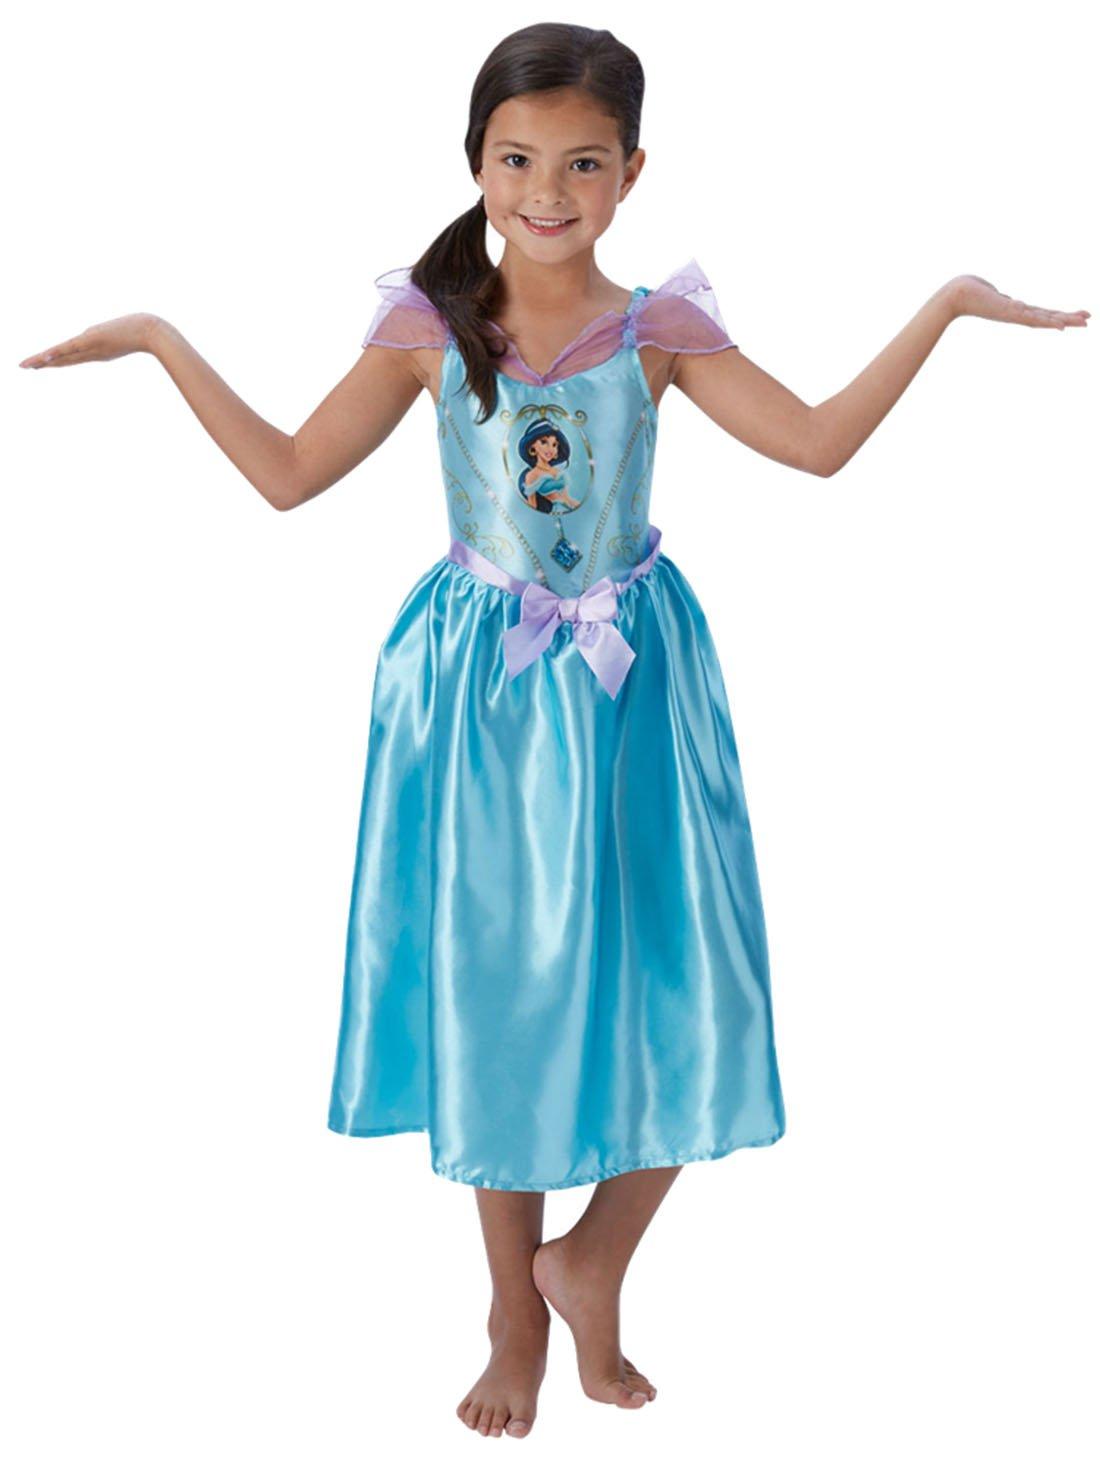 Halloweenia - Mädchen Kostüm Karneval Prinzessin Fairytale Jasmine, Aladdin Hellblau, Größe 122-128, 7-8 Jahre B074W86JZR Kostüme Adoptieren | Deutschland Frankfurt